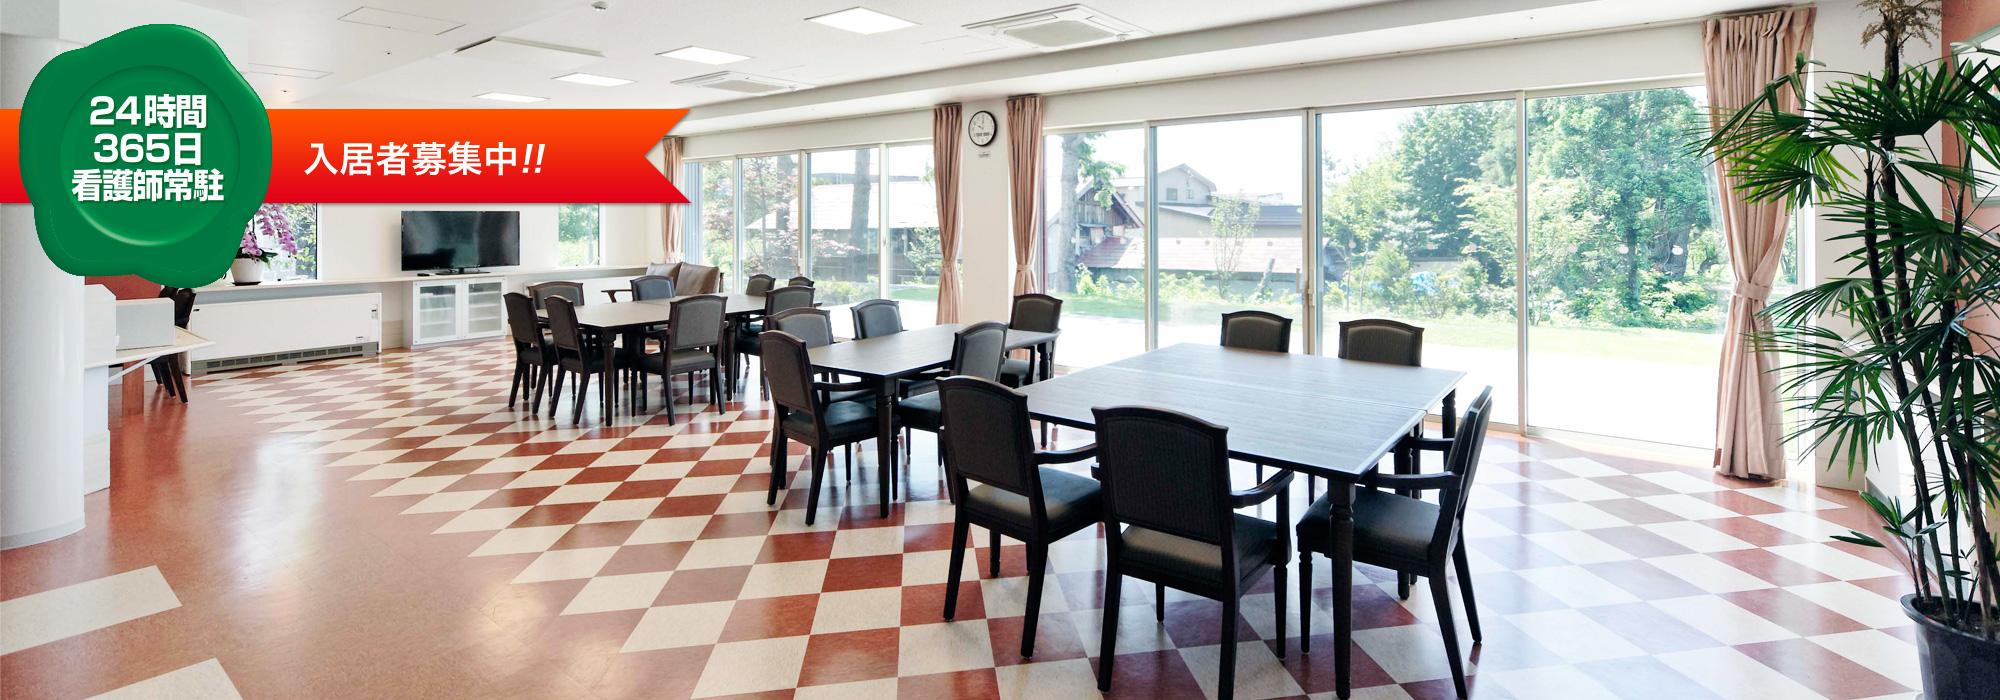 ナーシングホーム野里 全館バリアフリー、冷暖房完備の快適な設備